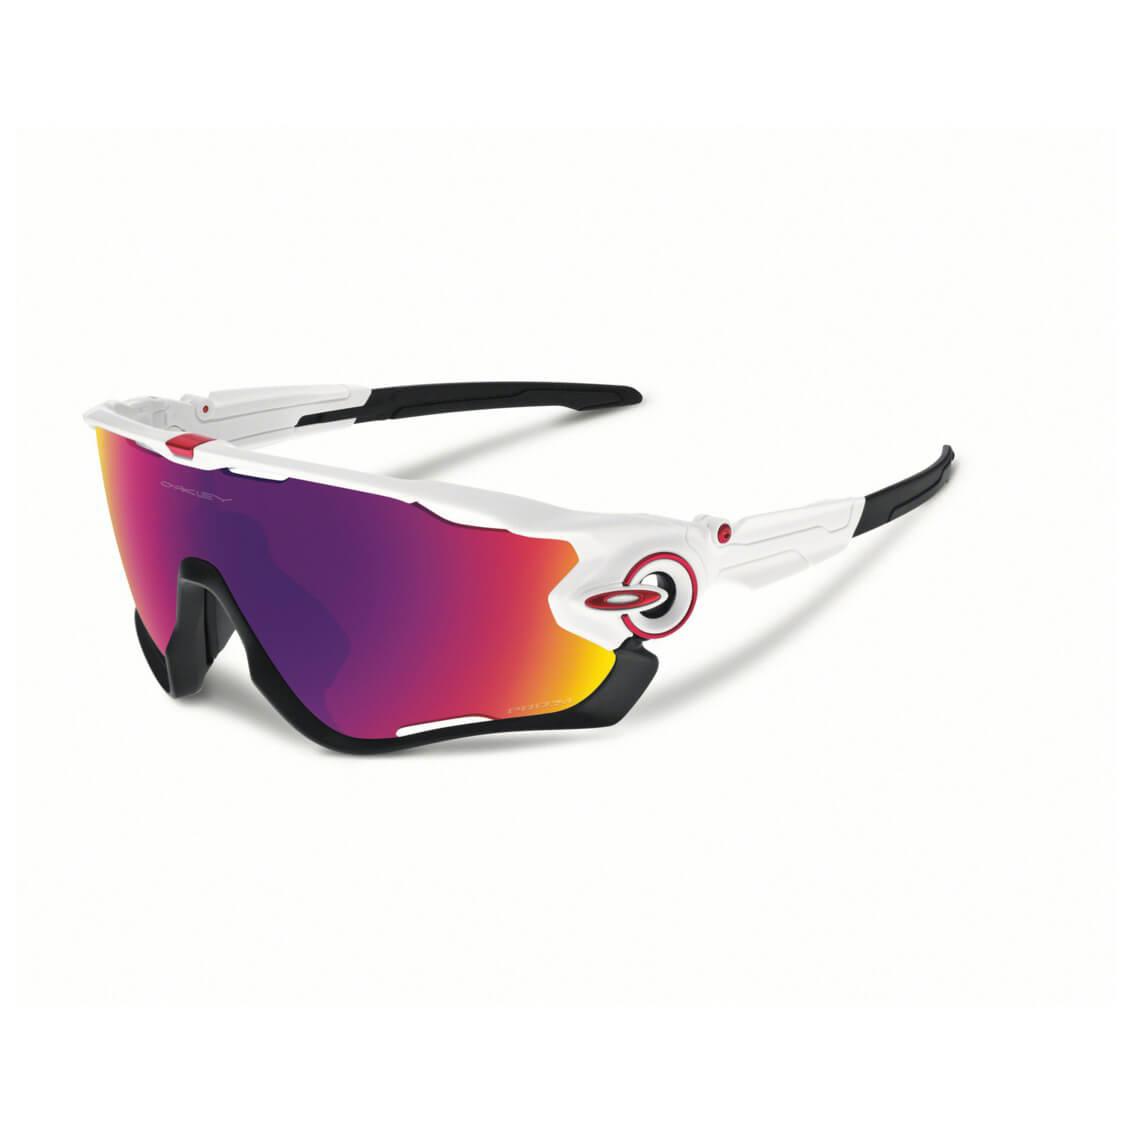 Oakley SolEnvío Prizm Gafas Gratuito Jawbreaker Road De BCroxde